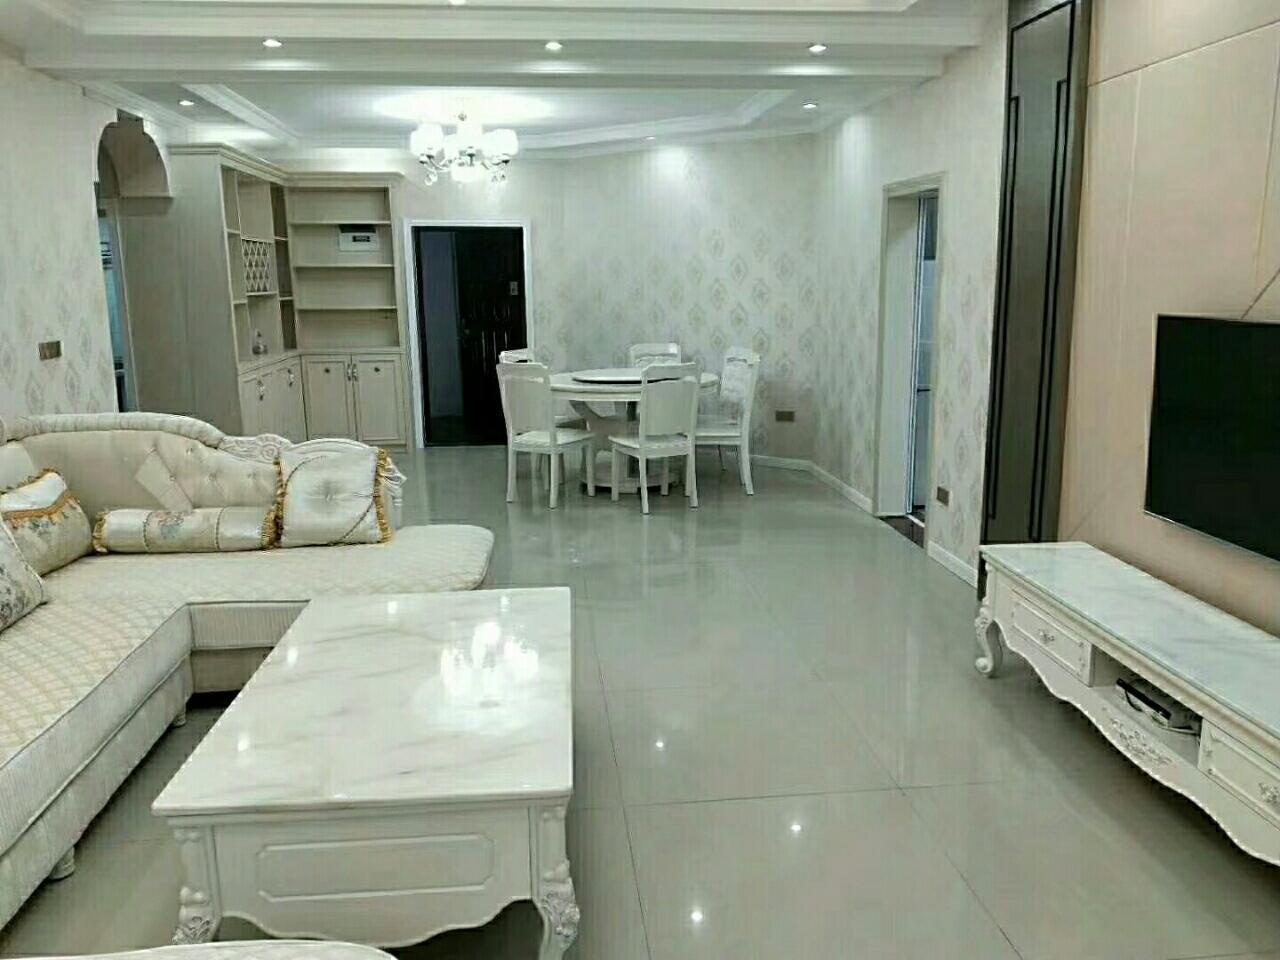 龙泉山庄4楼,证上面积126平方,出让,正三室两厅3室 2厅 2卫67万元